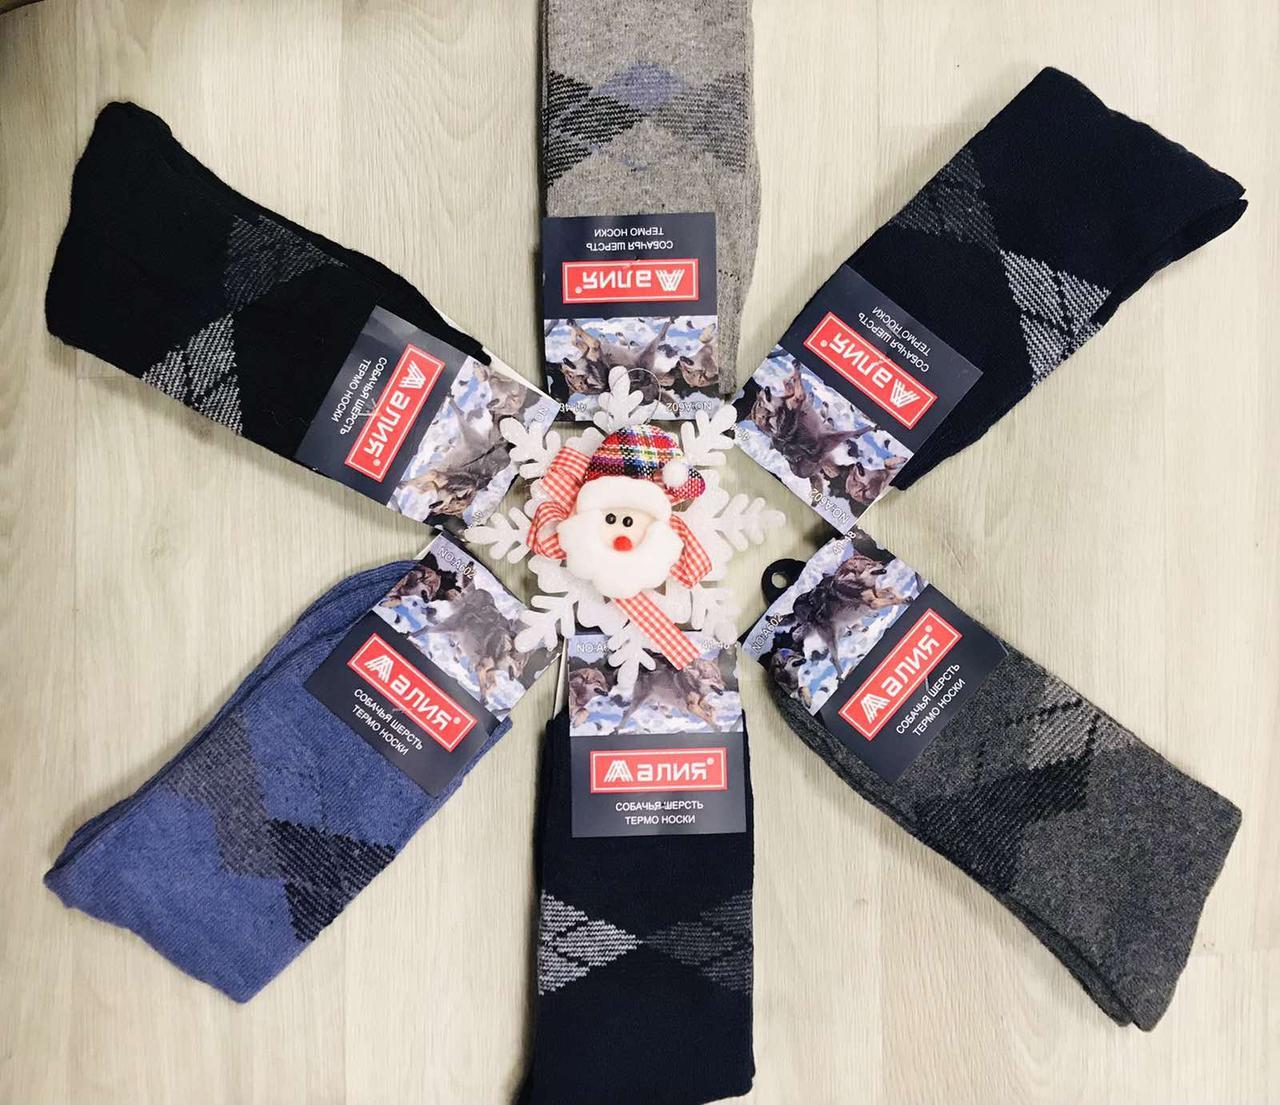 Шкарпетки чоловічі зимові, термо, вовняні ангора з махрою THROB розмір 41-46